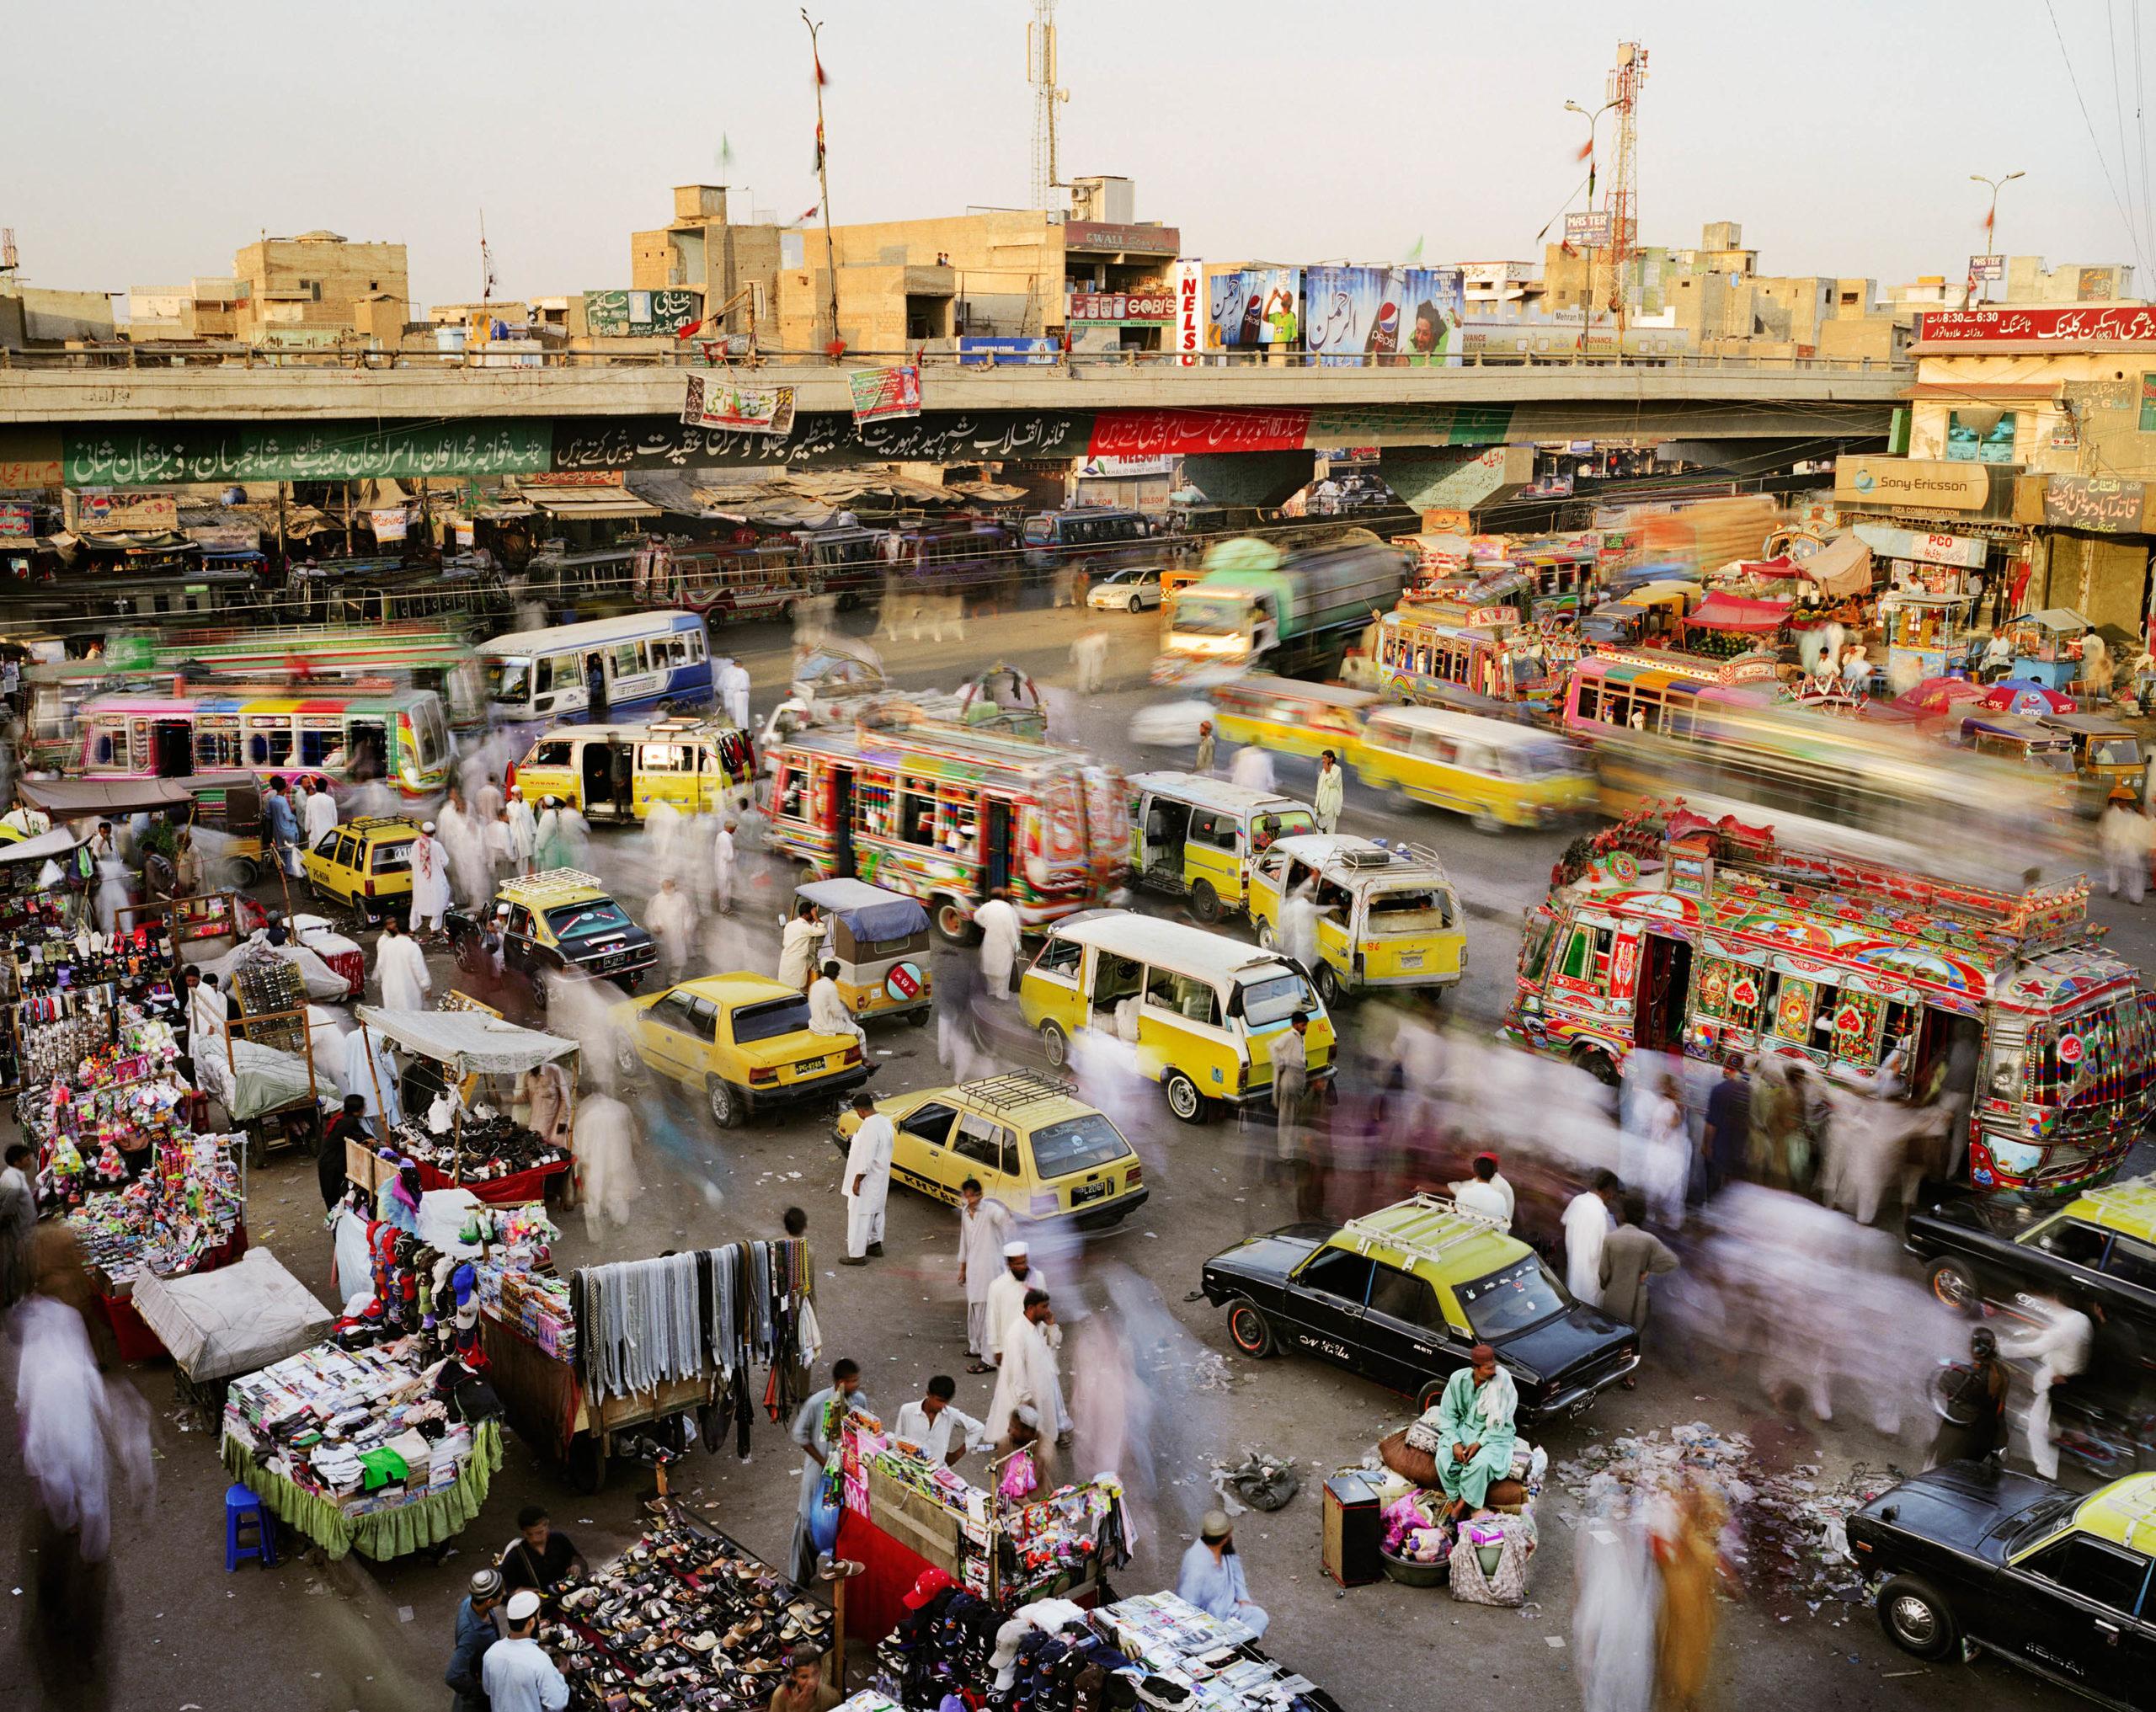 Landhi Road, Quaidabad, Karachi, Pakistan